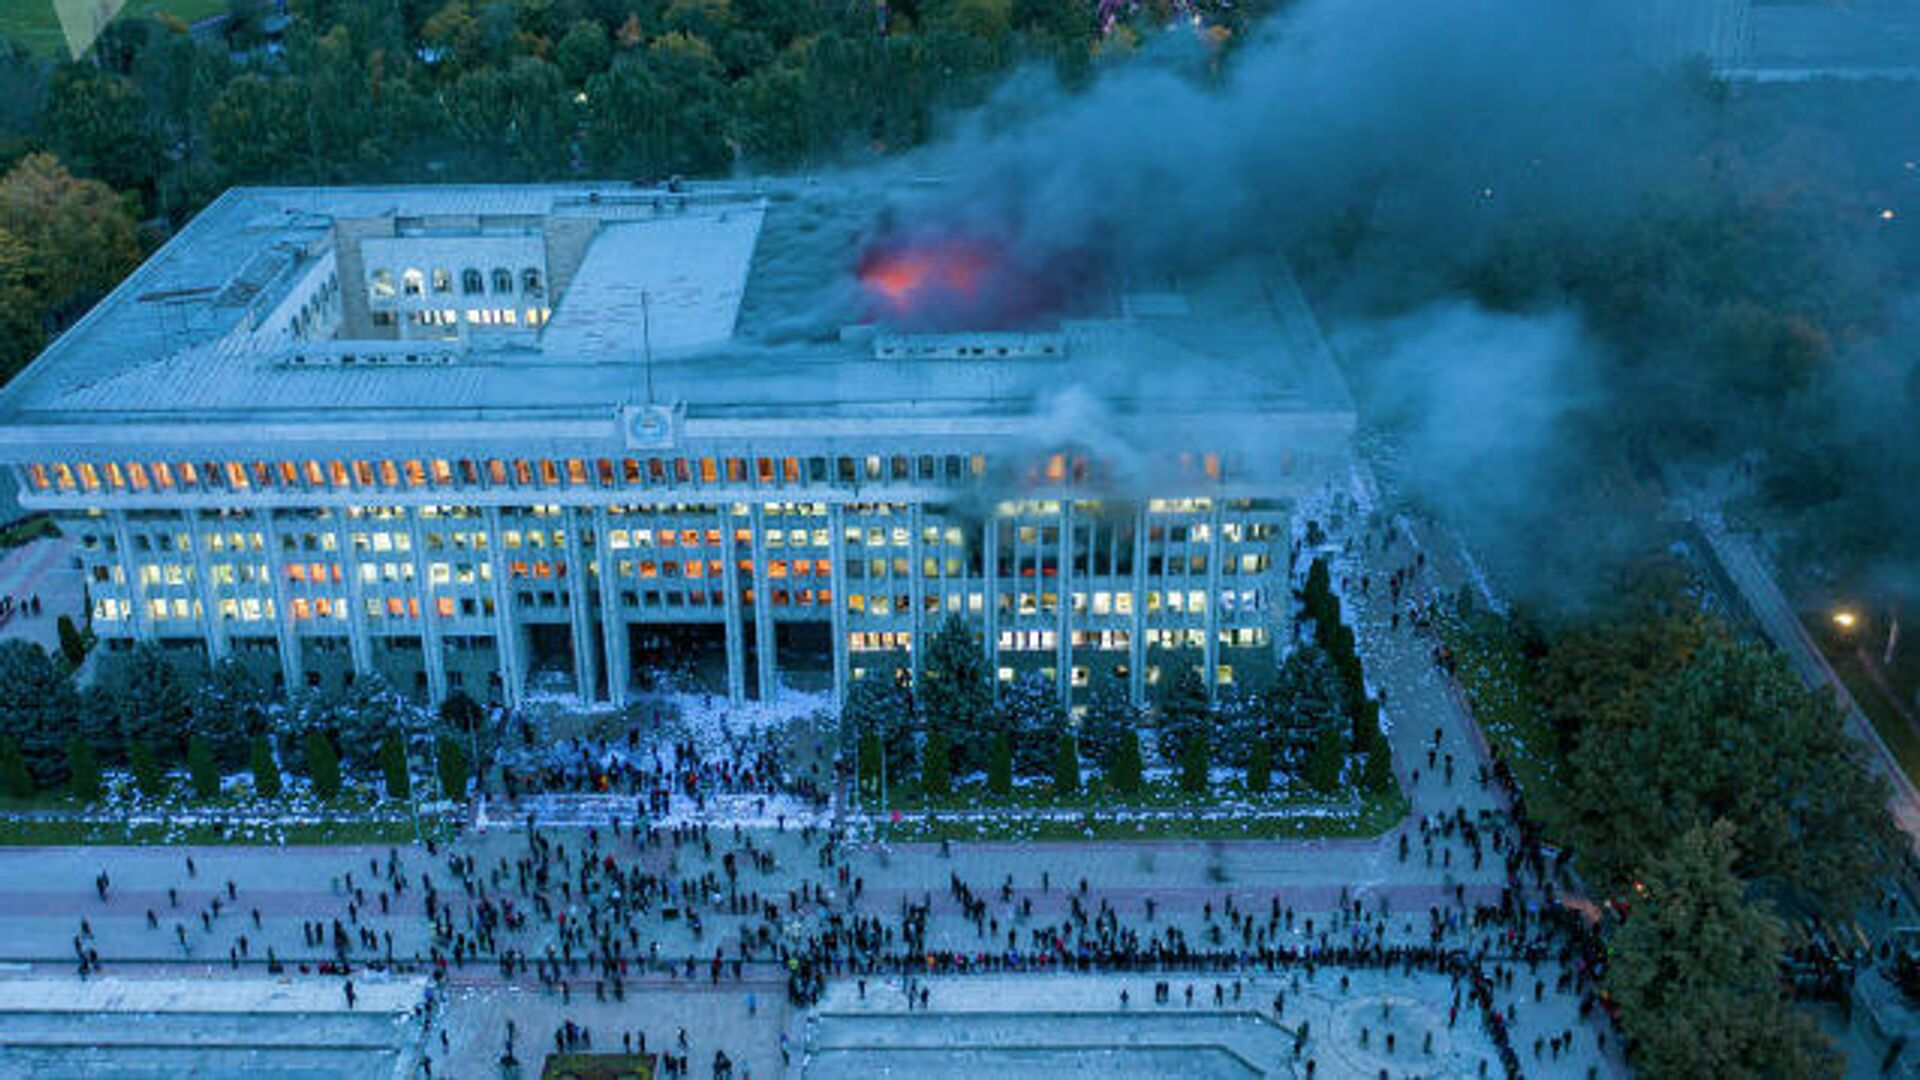 Протестующие возле здания правительства в Бишкеке - РИА Новости, 1920, 06.10.2020